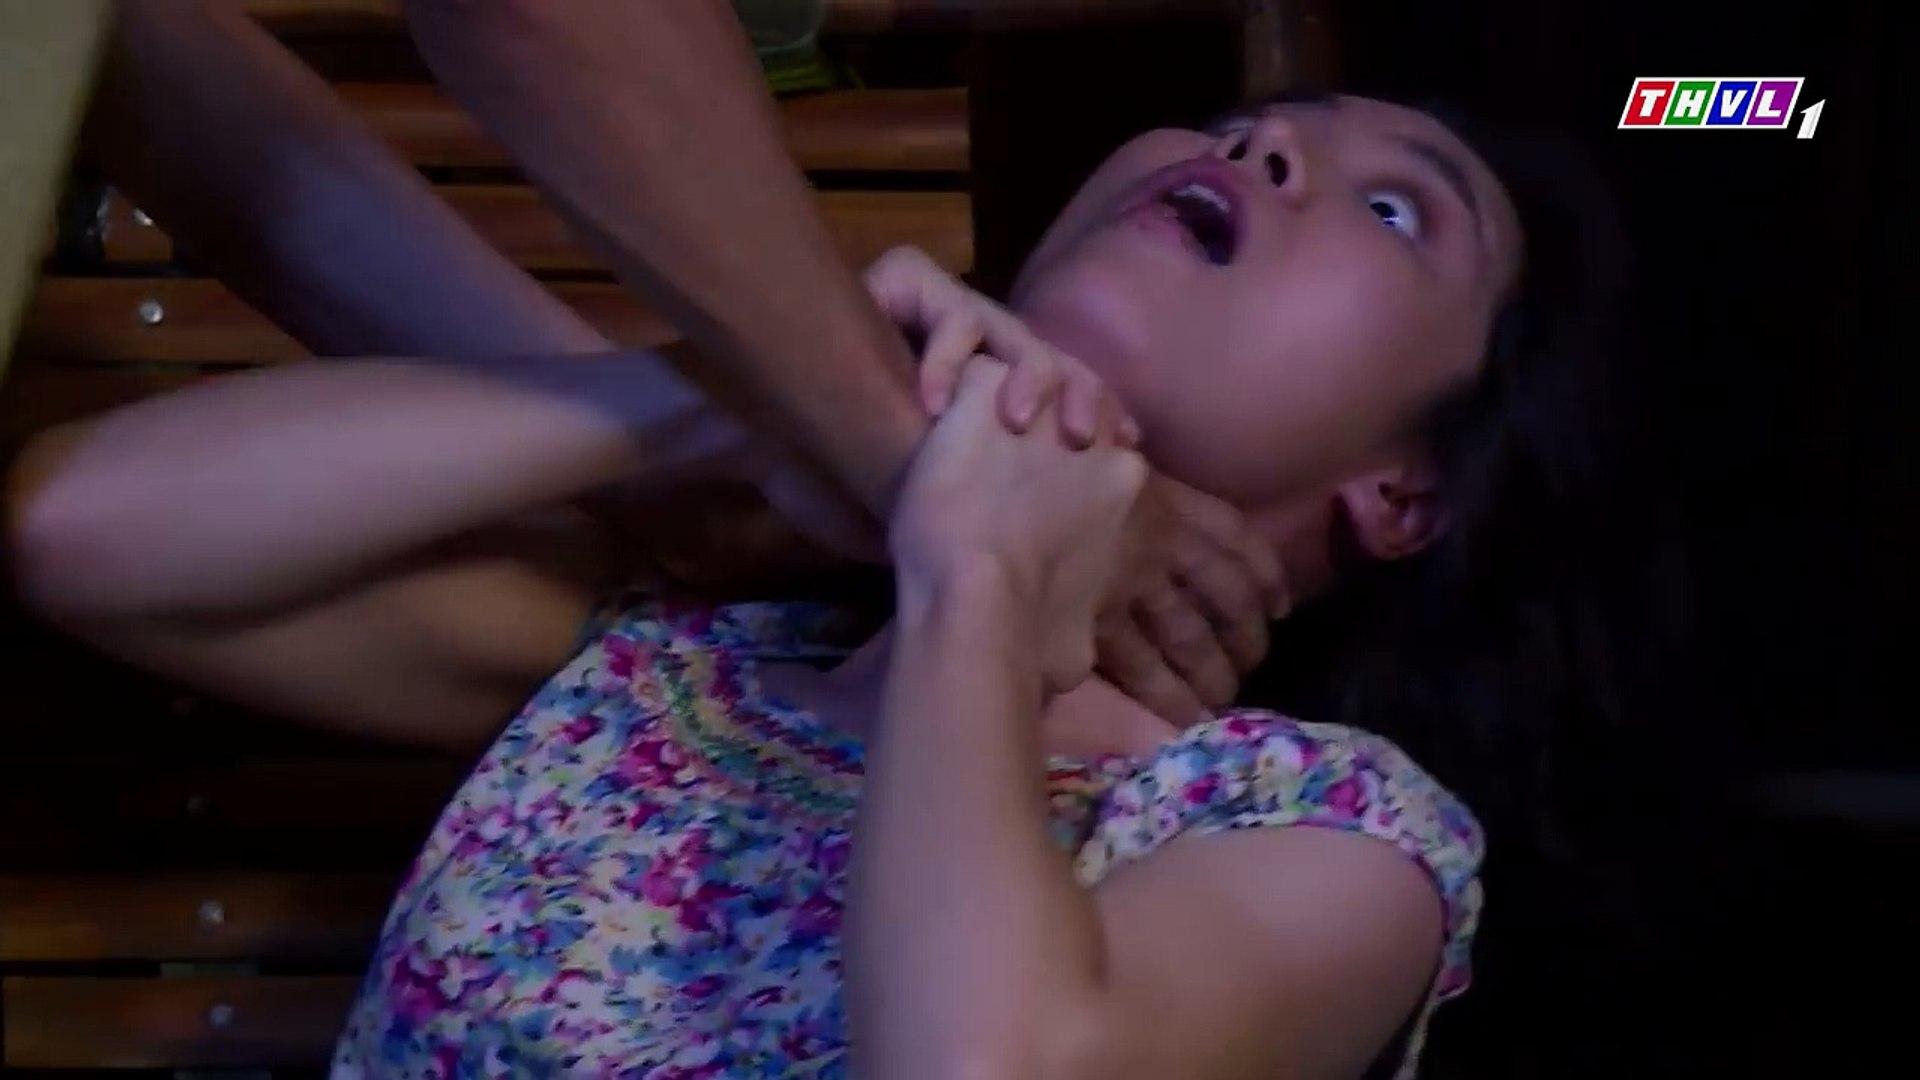 THVL - Sống trong bóng đêm - Tập 22-7  Hương gặp ác mộng thấy Lơ về tìm mình đòi mạng